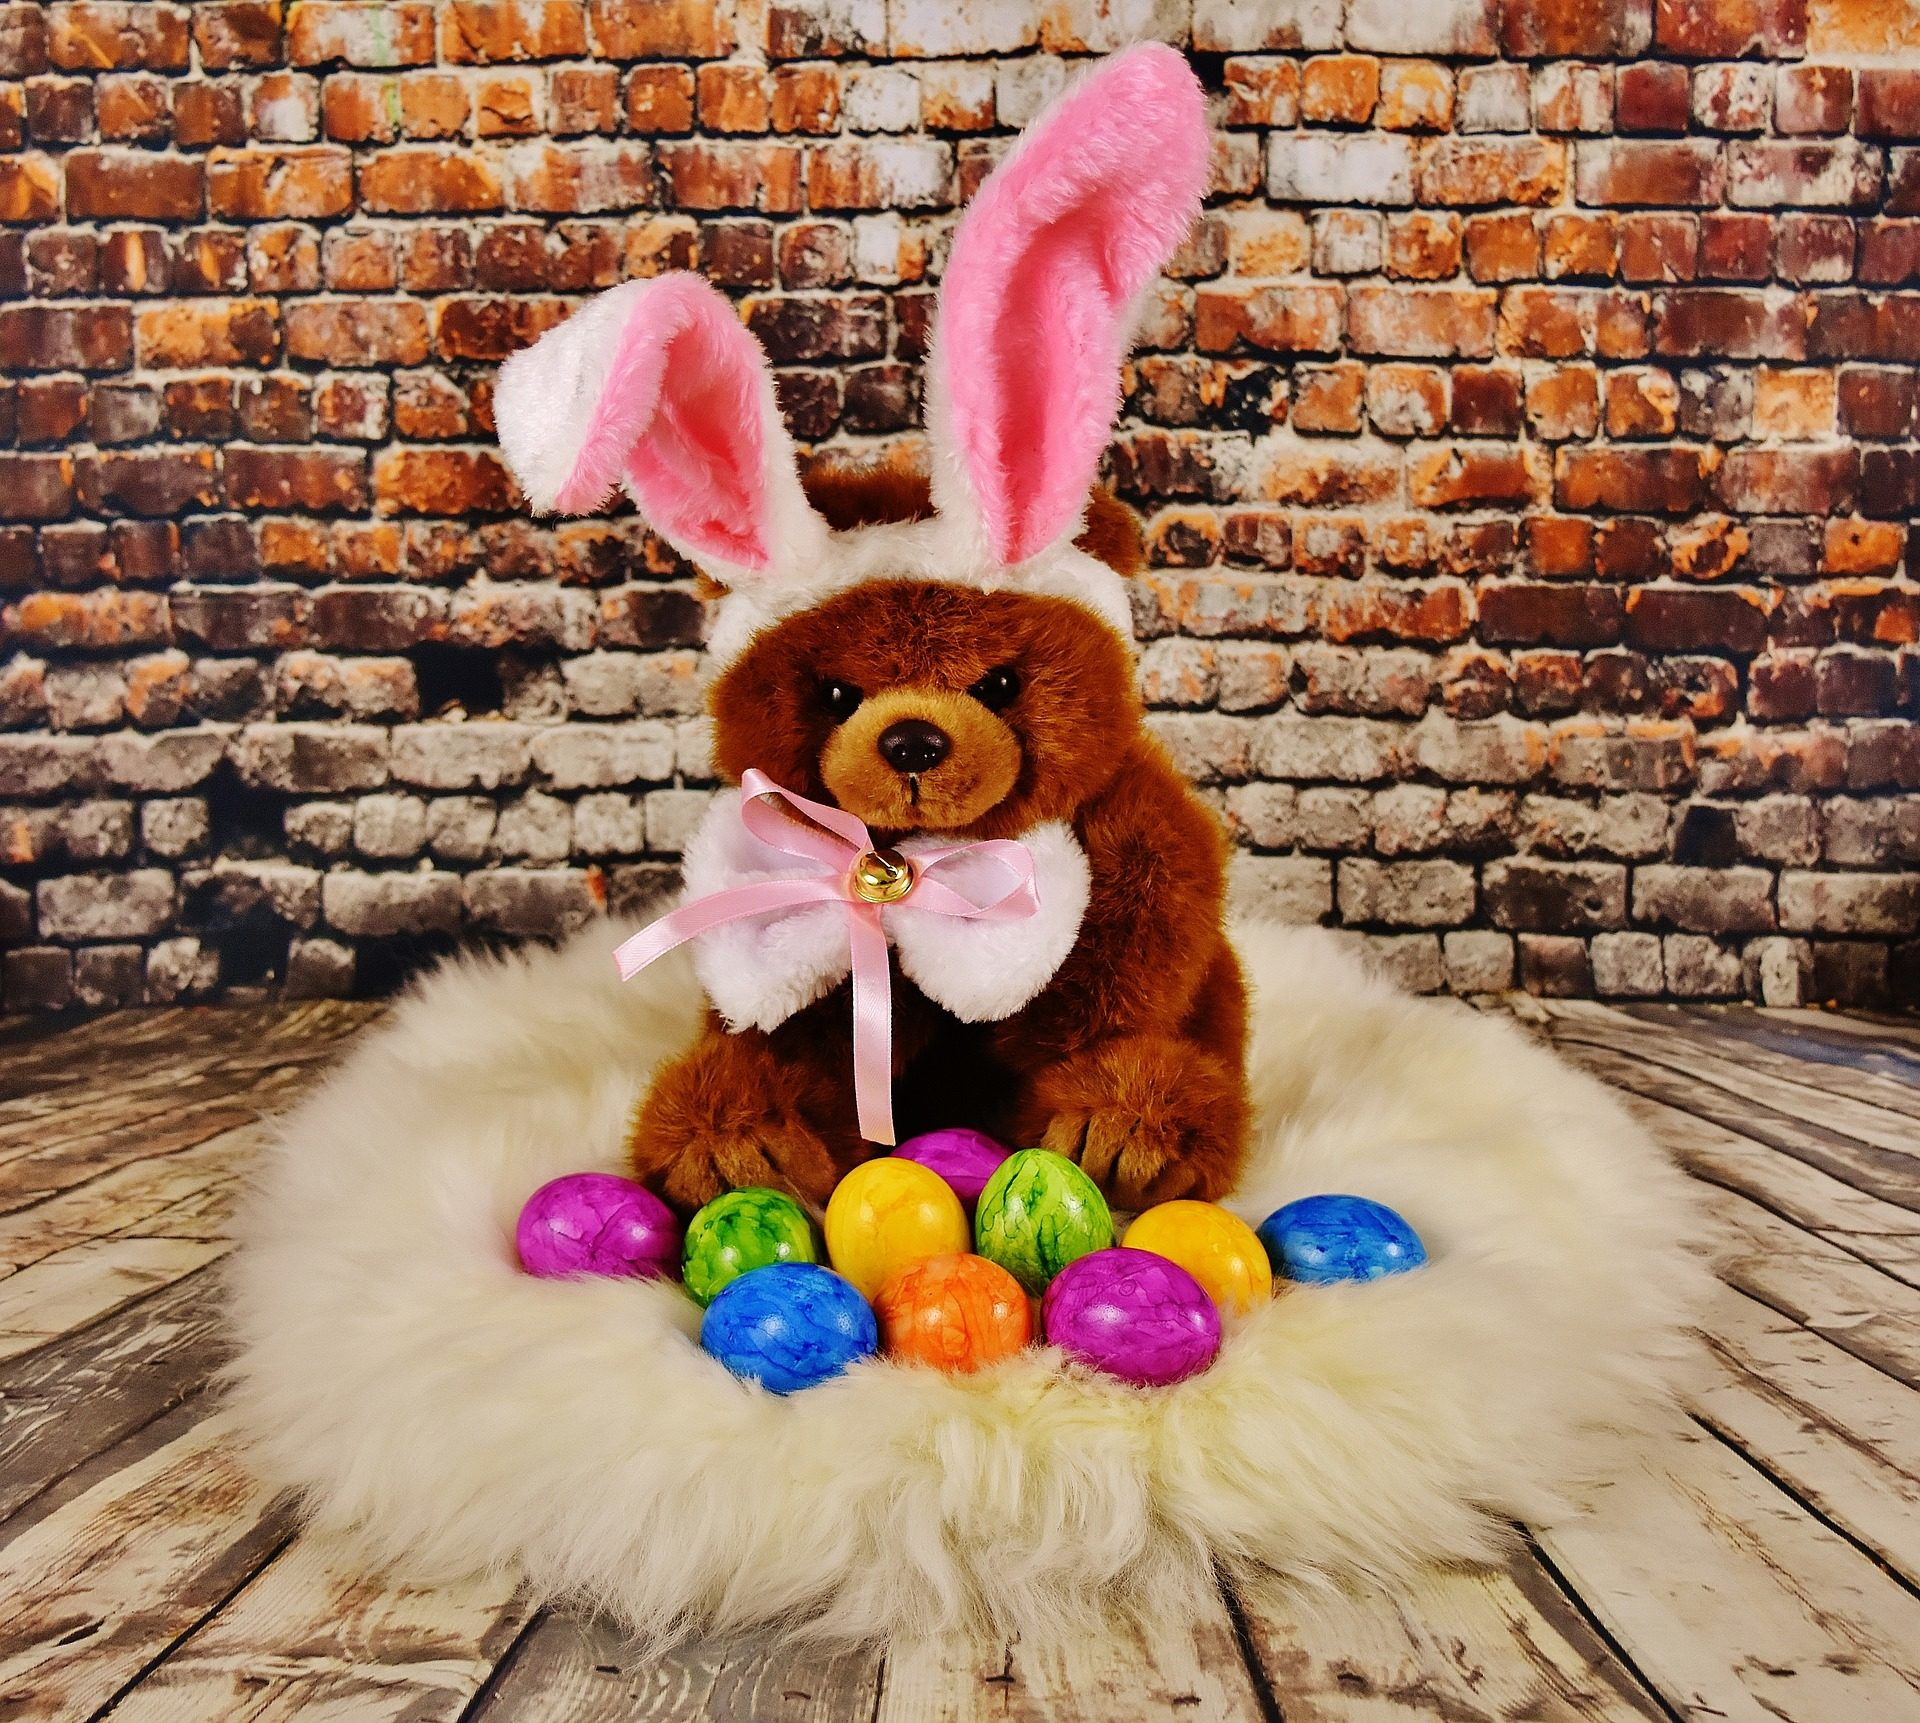 टेडी, अंडे, ईस्टर, रंगीन, खरगोश, कान - HD वॉलपेपर - प्रोफेसर-falken.com